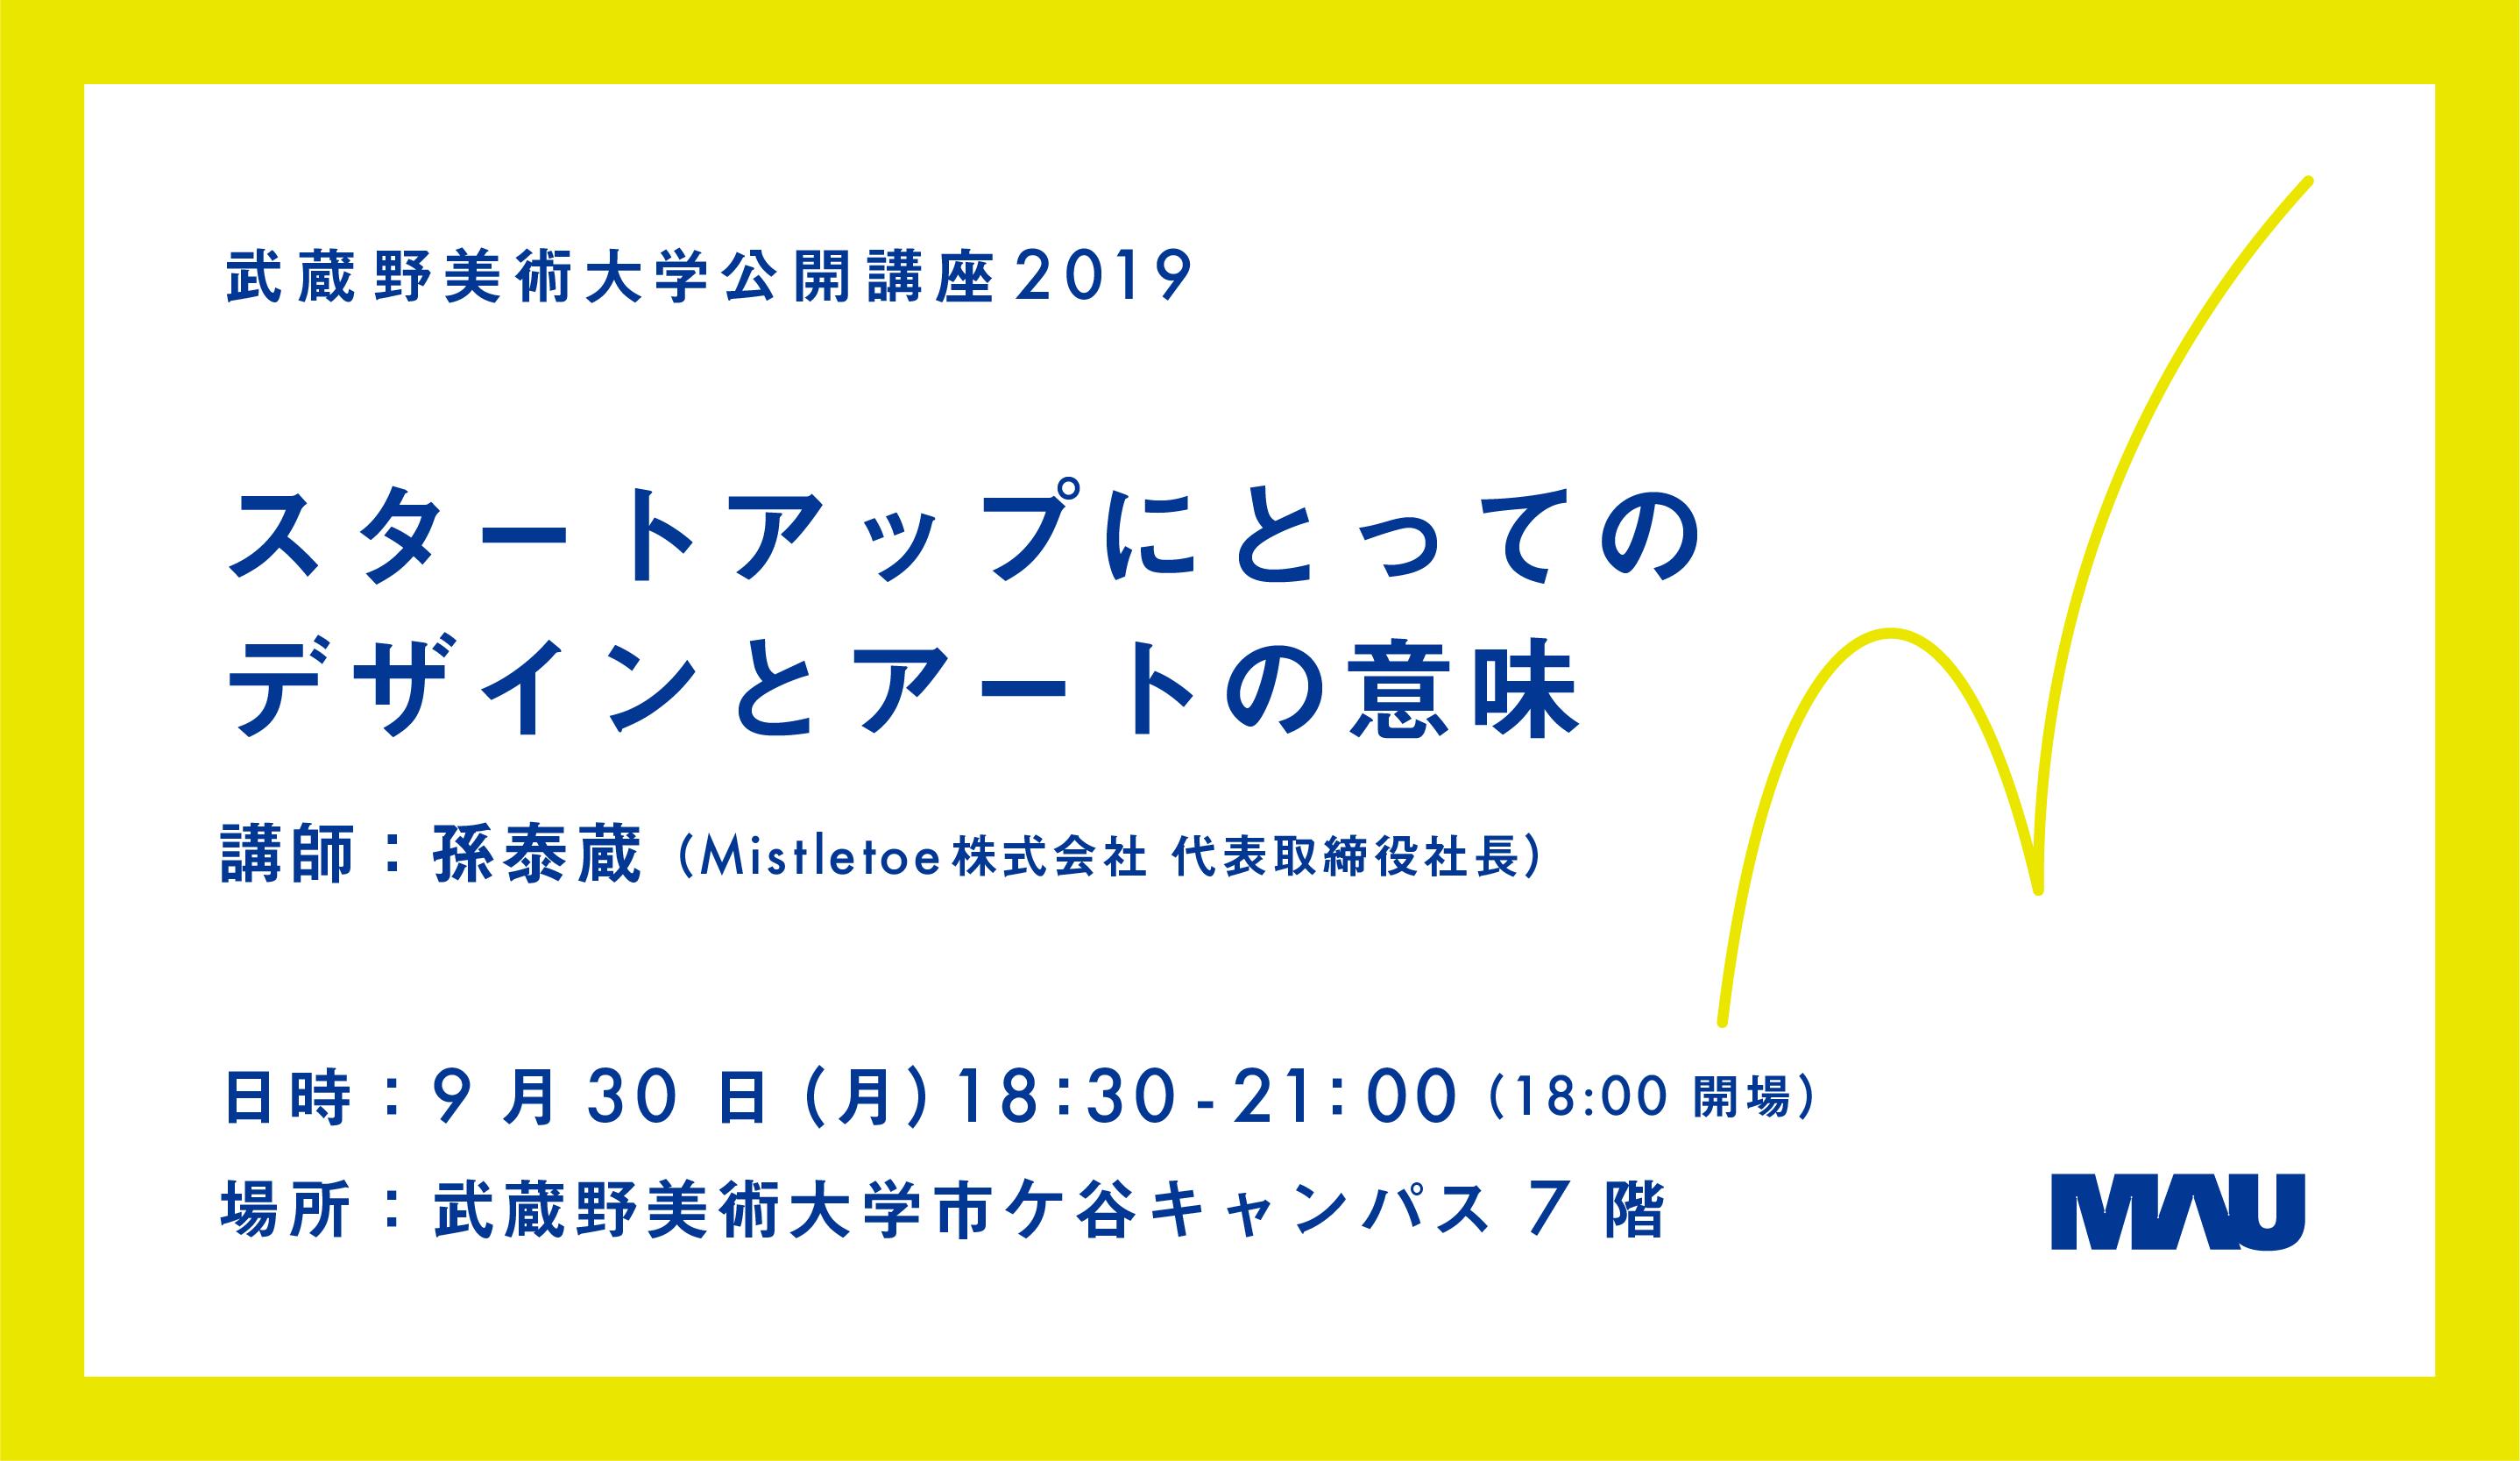 公開講座2019「スタートアップにとってのデザインとアートの意味」